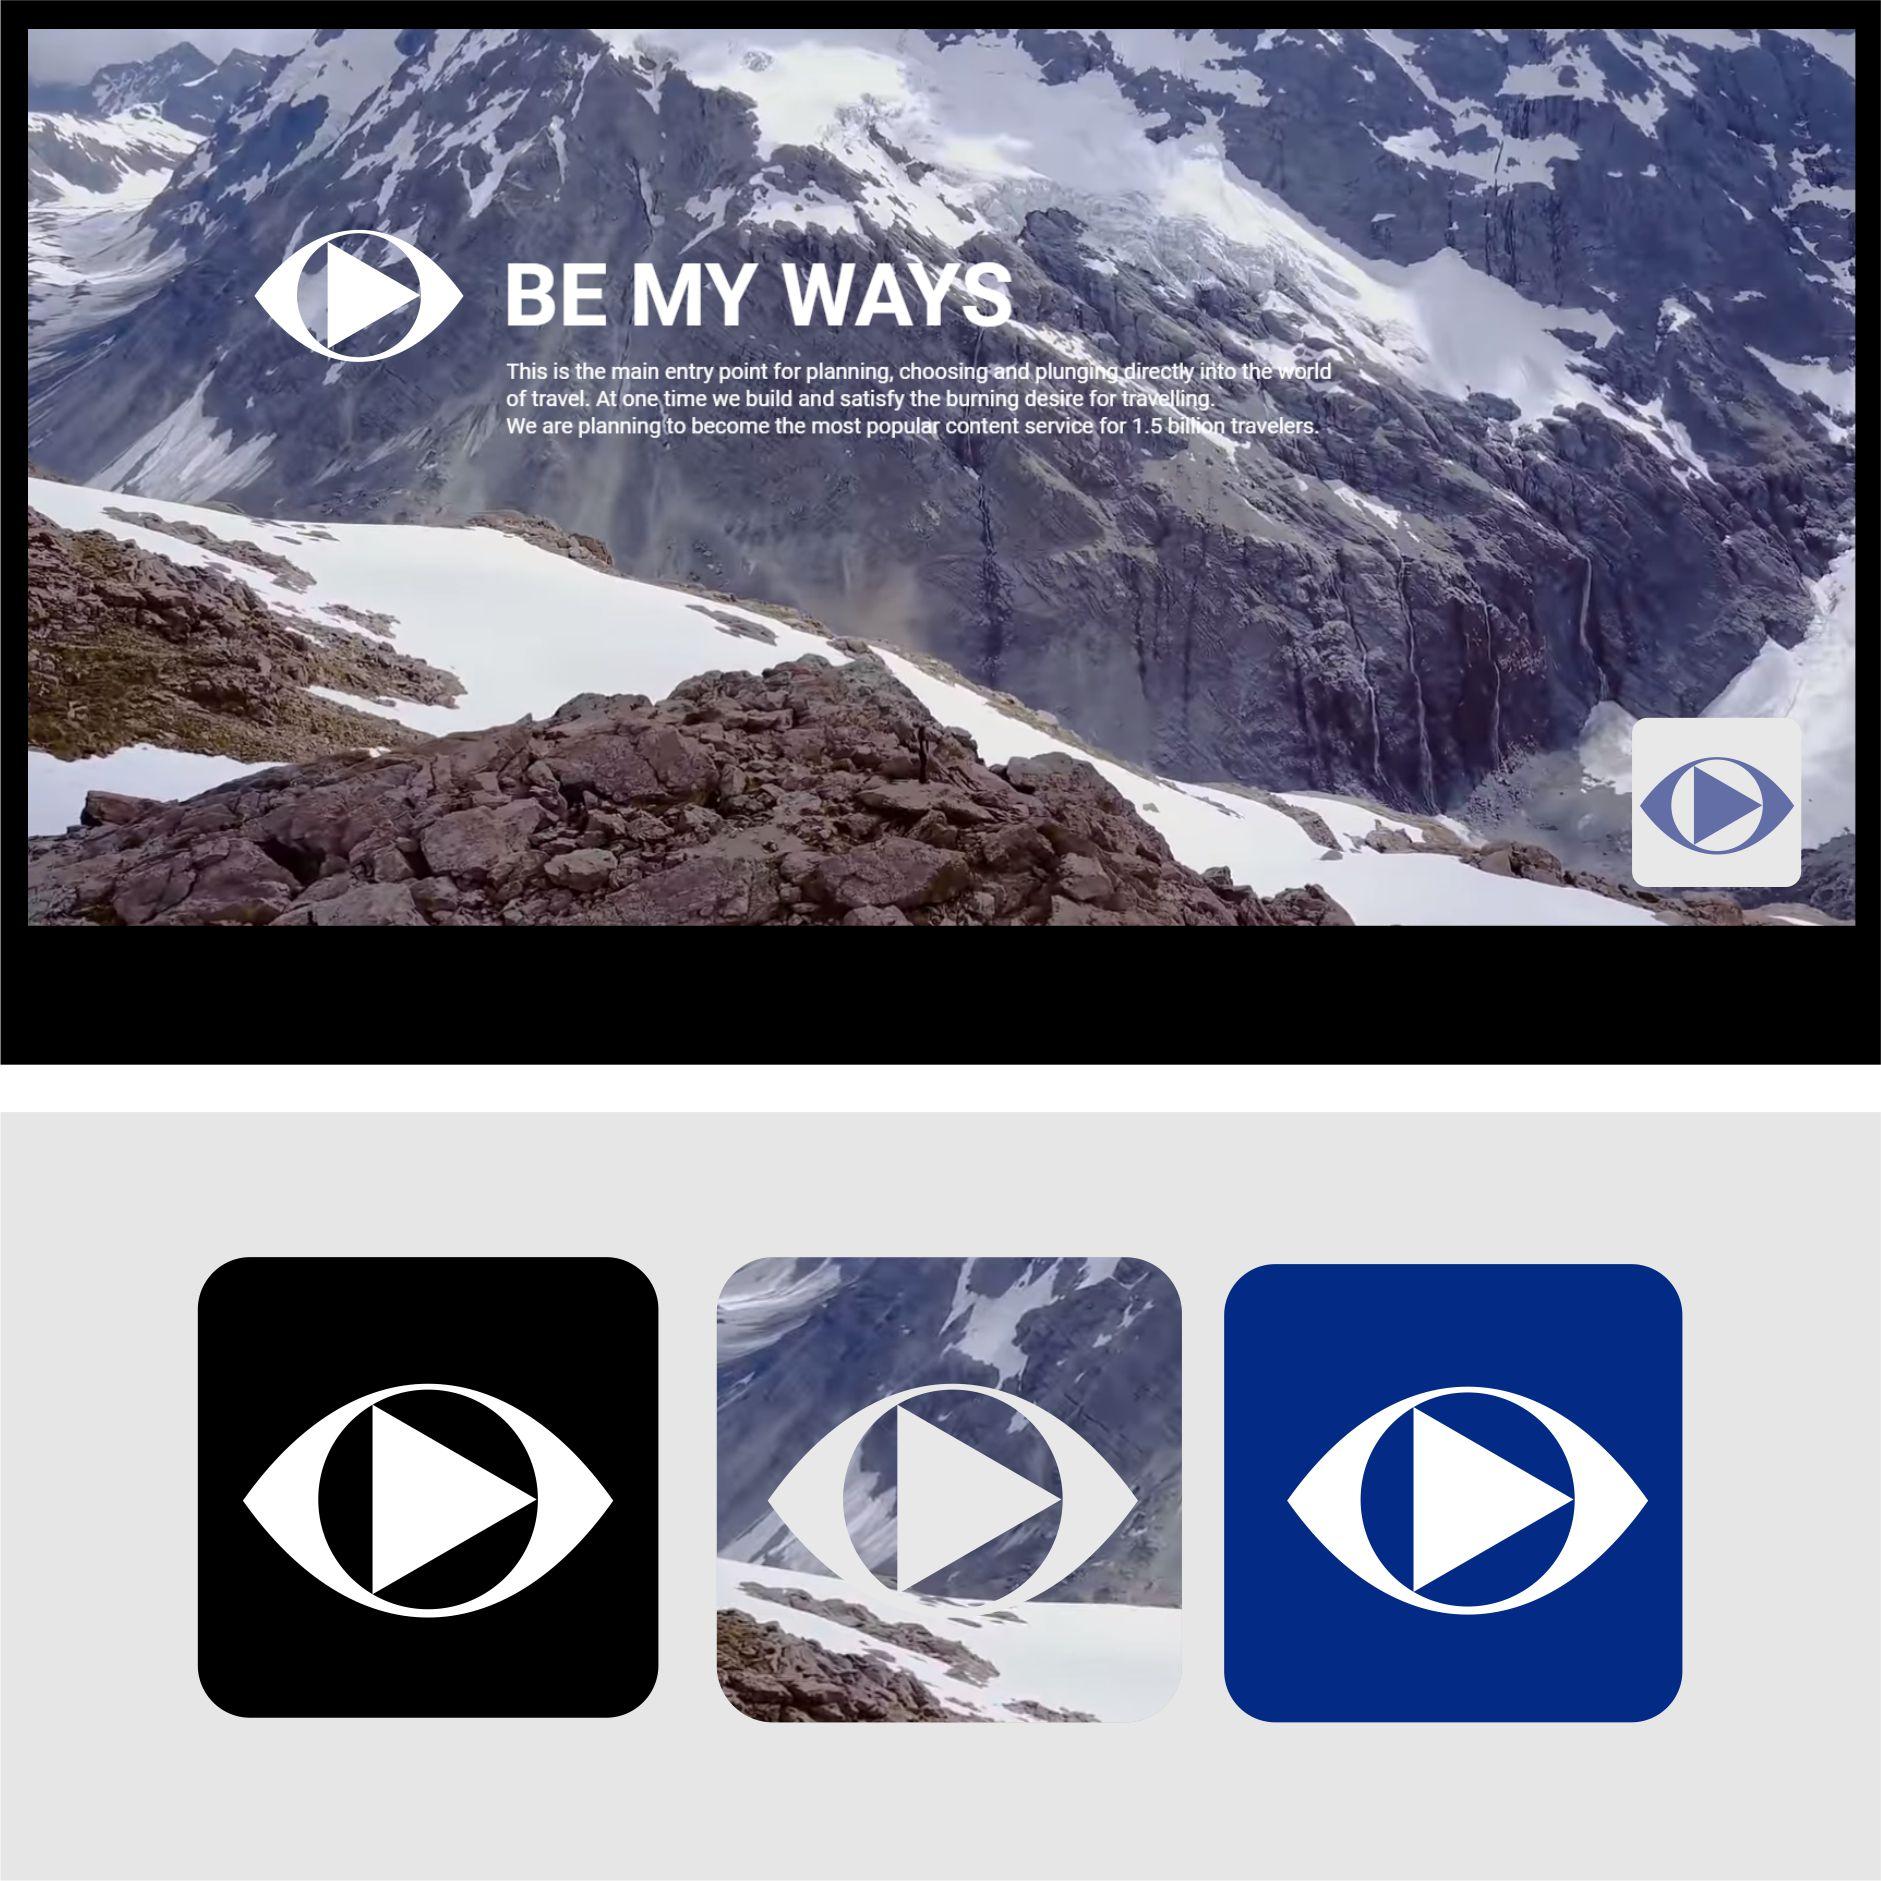 Разработка логотипа и иконки для Travel Video Platform фото f_0735c3c60725cdc6.jpg